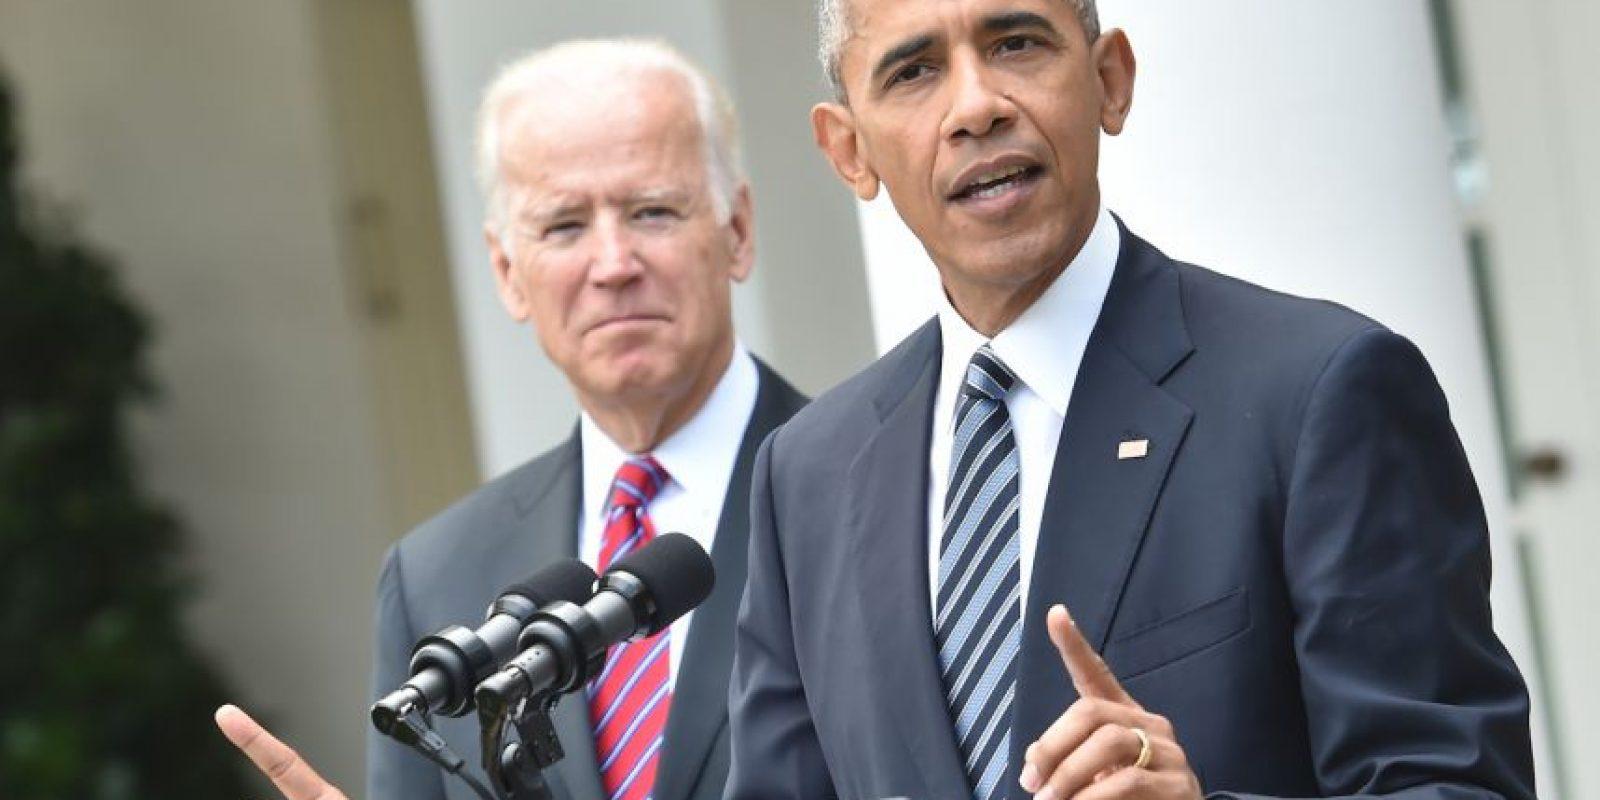 El presidente Barack Obama ofreció una conferencia de prensa en la Casa Blanca Foto:AFP